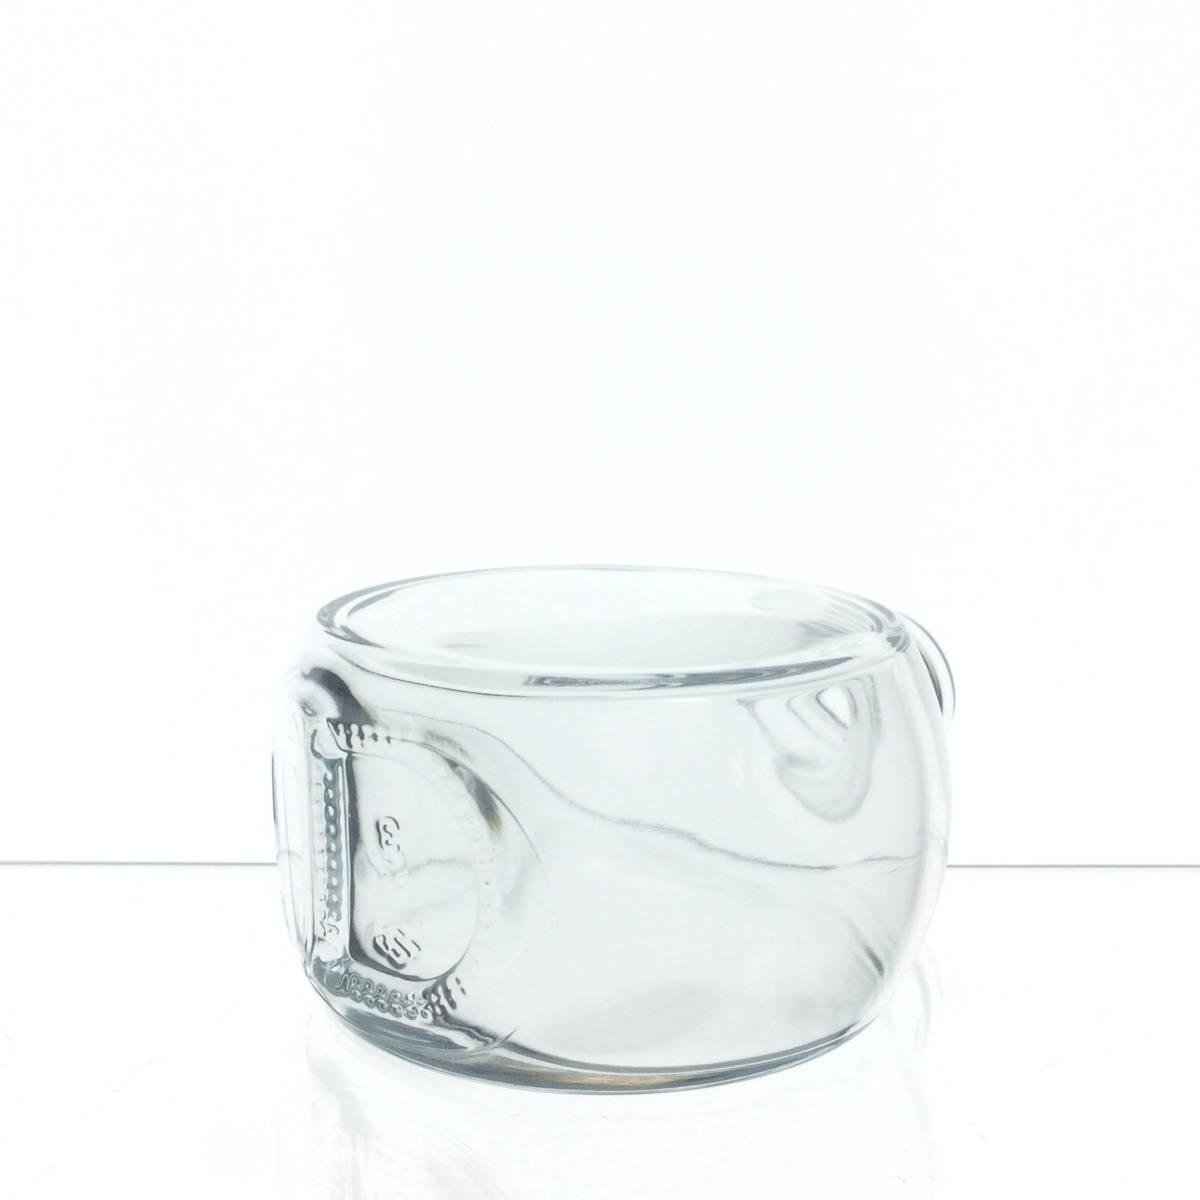 ハーバリウム瓶 ねこ平150ml 5本_画像3